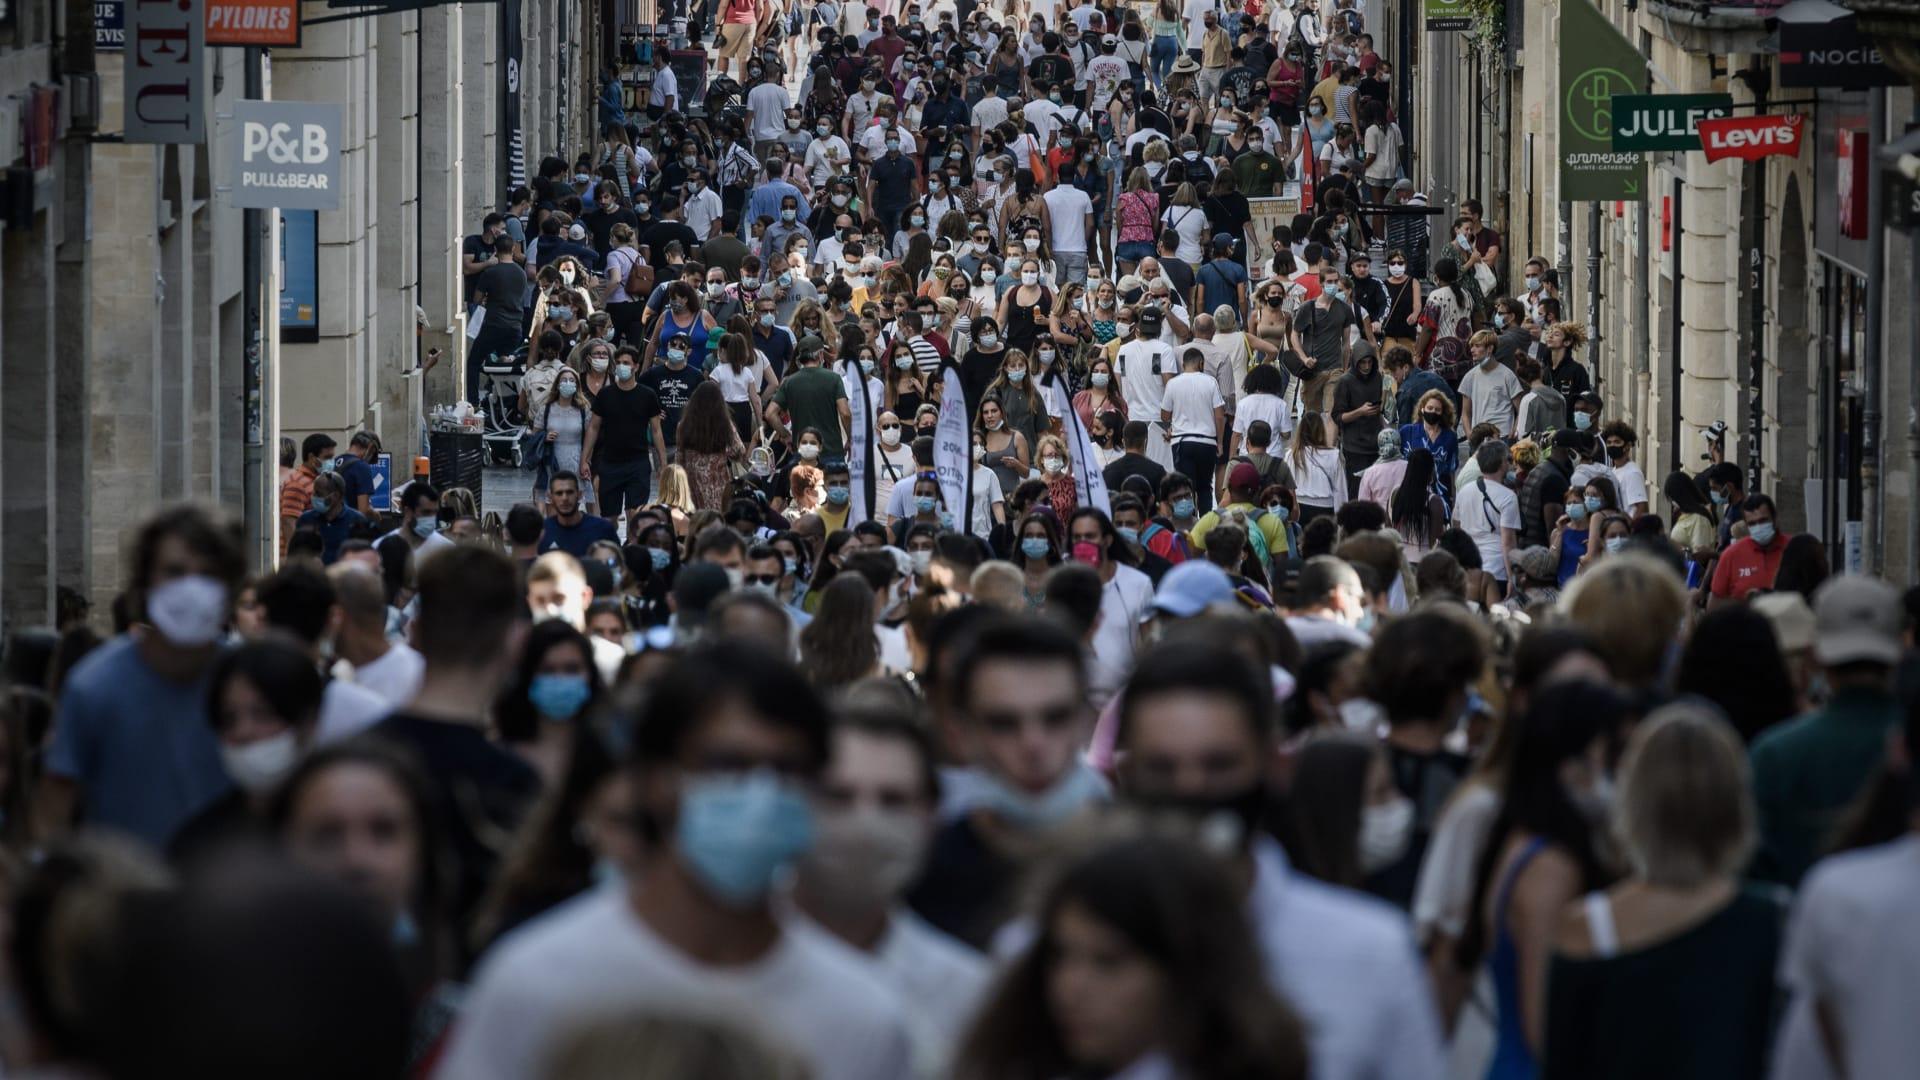 مع تسجيل أكثر من 1000 حالة جديدة في اليوم.. فرنسا تواجه خطر الانزلاق مرة أخرى إلى حيث كانت في ذروة الوباء